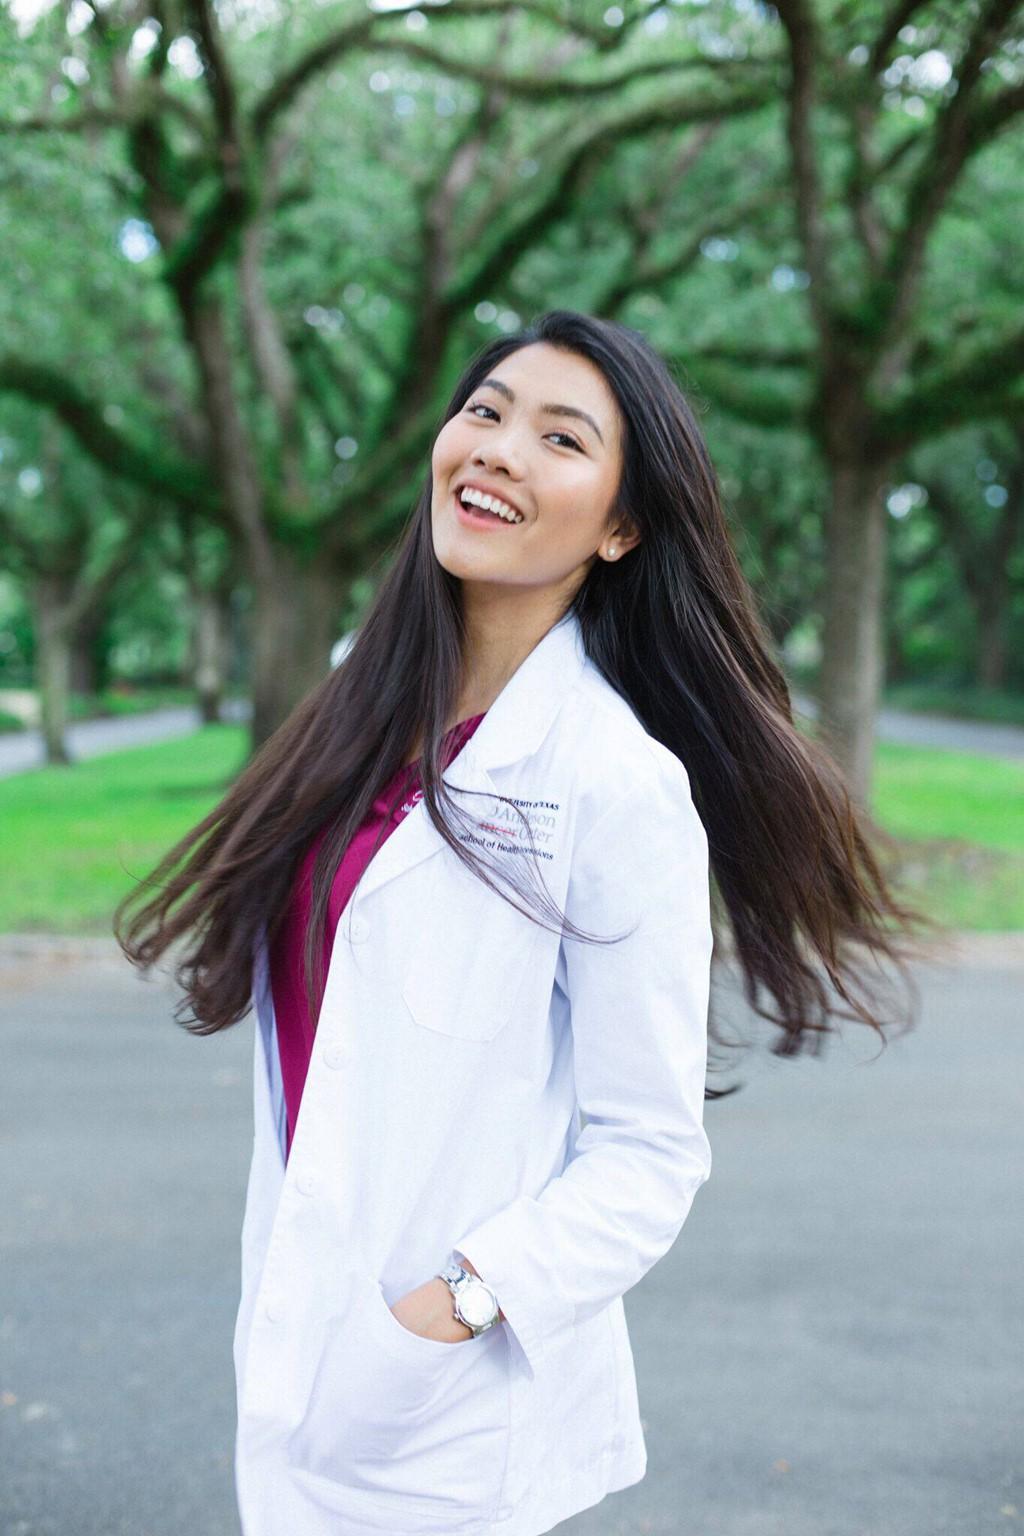 Tốt nghiệp ngành Y bằng Xuất sắc với GPA 4.0, hoa khôi du học sinh Việt được Viện ung thư hàng đầu thế giới giữ lại làm việc - Ảnh 5.